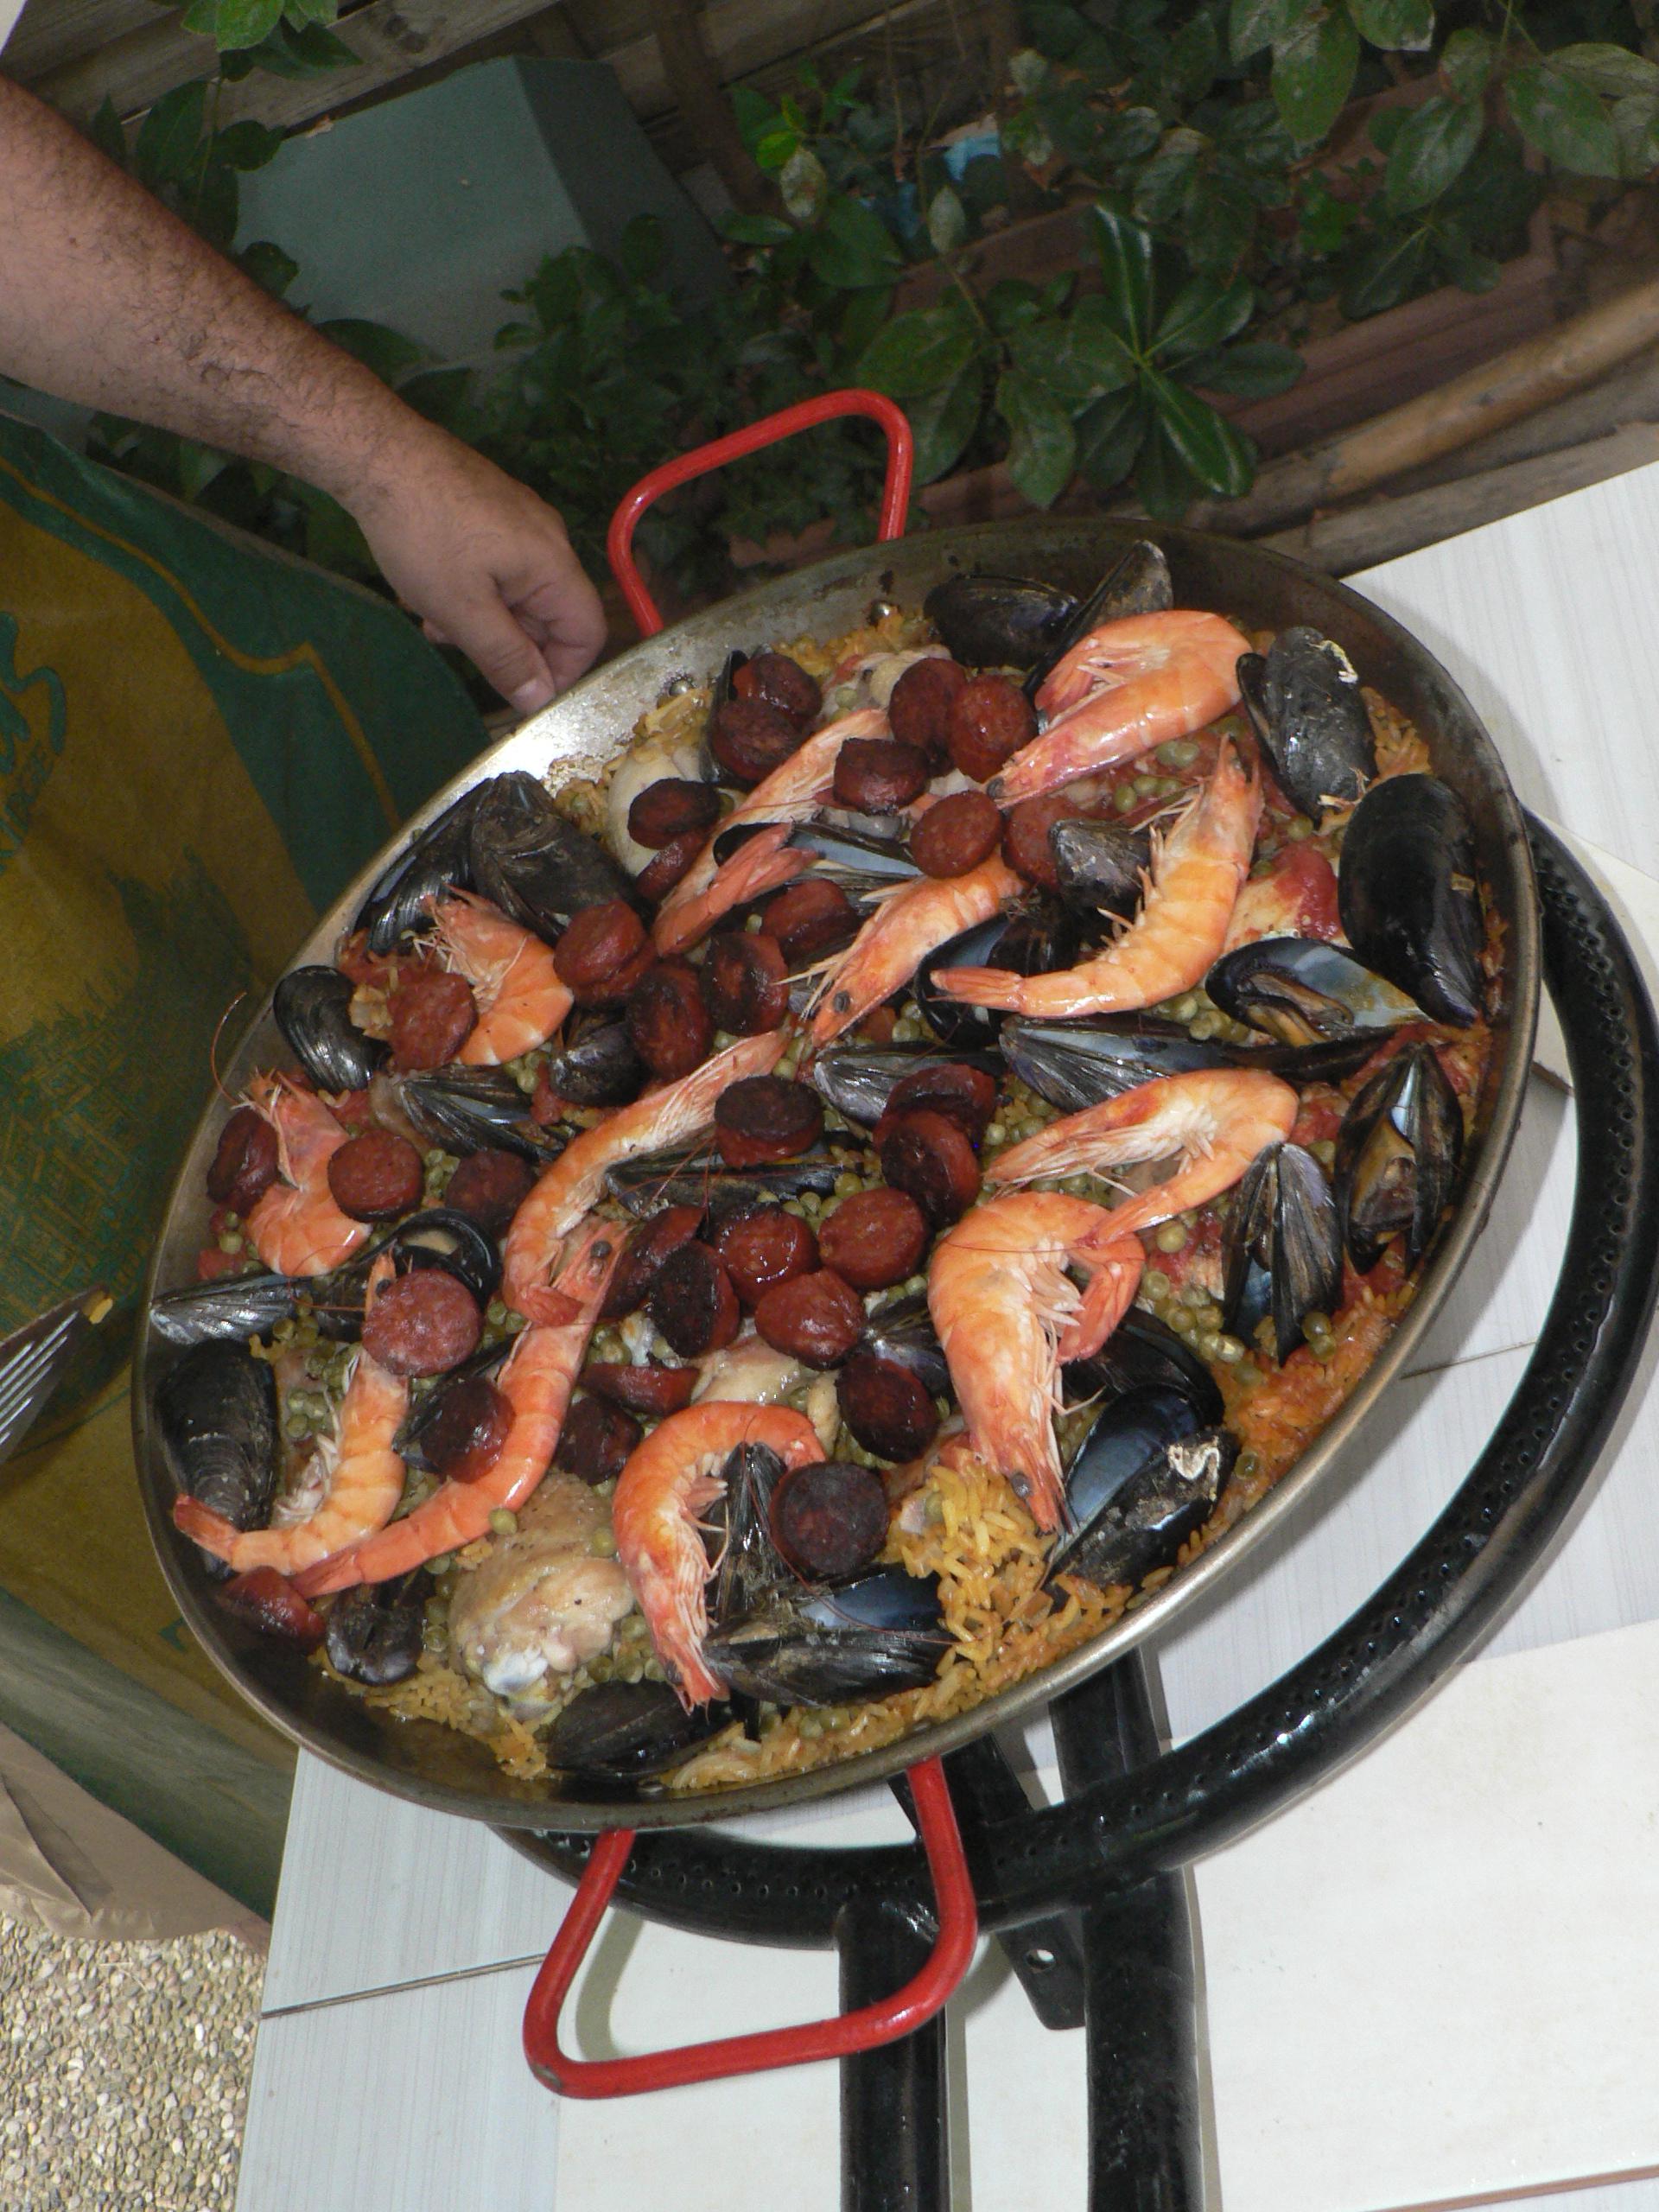 (2) Vacances : Entrainement  pour la prochaine Fête de la citoyenneté : La paella !